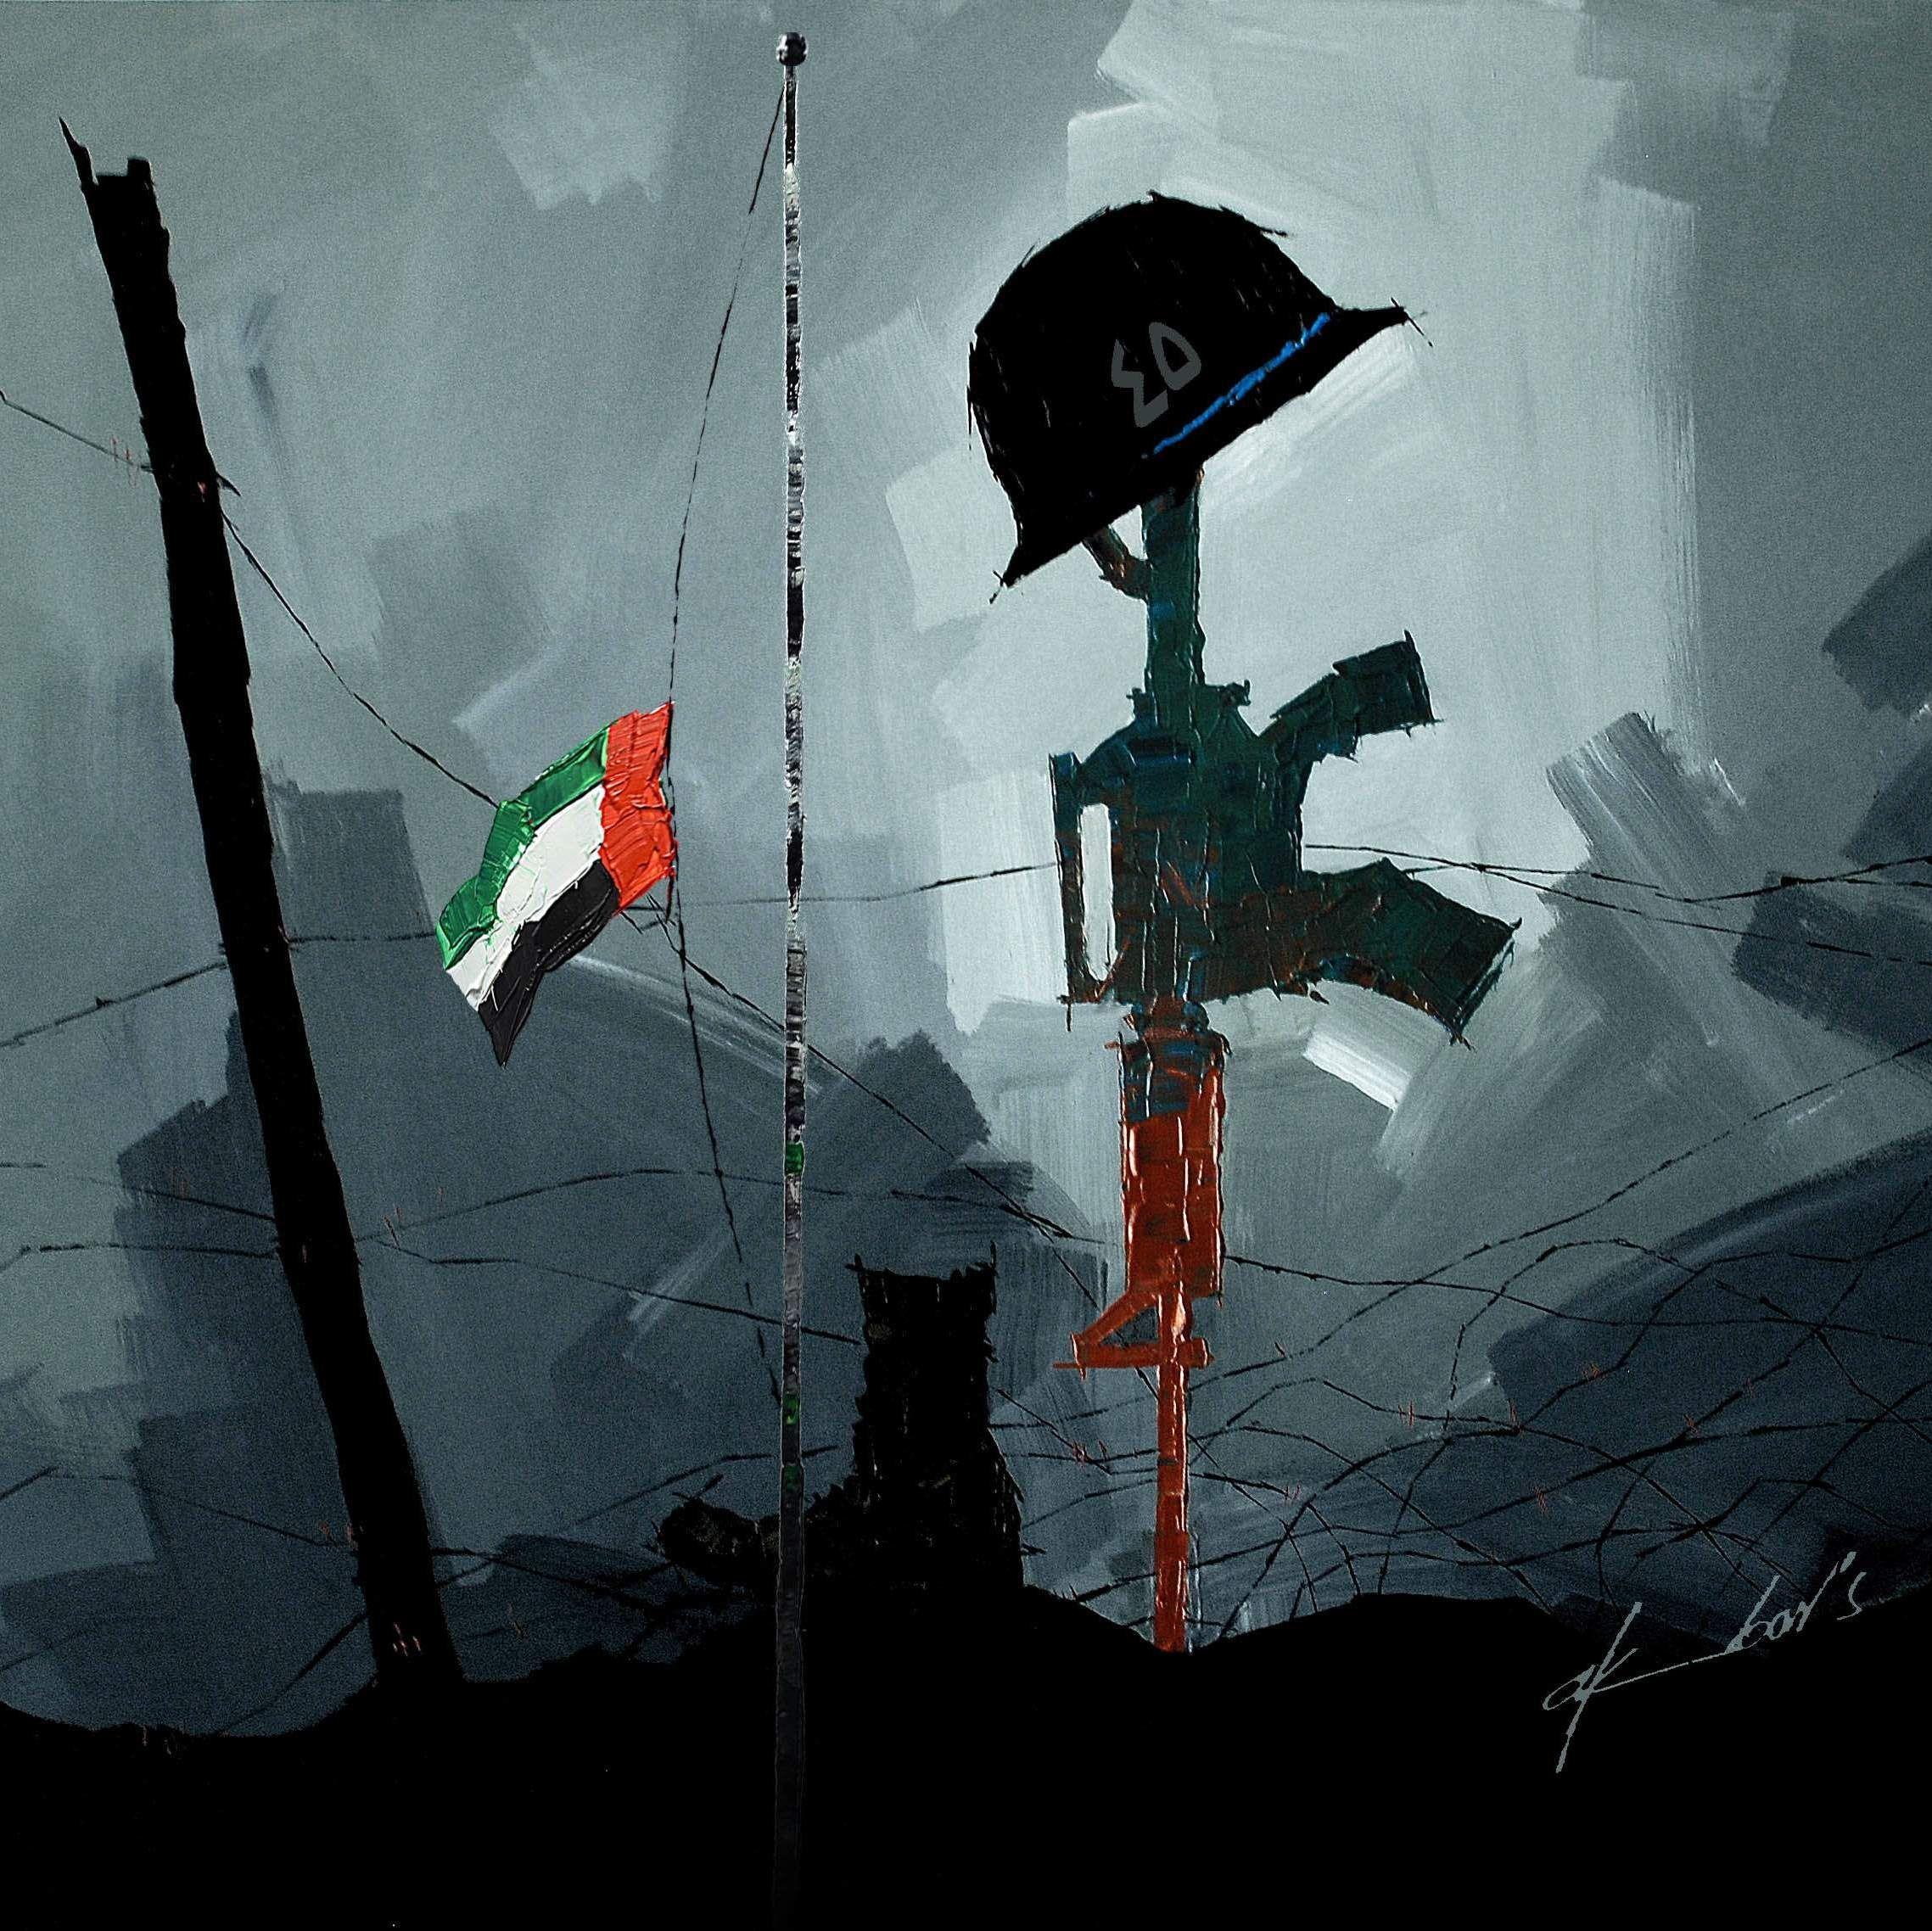 نتيجة بحث الصور عن Martyr S Day Uae Uae National Day Martyrs Day Background